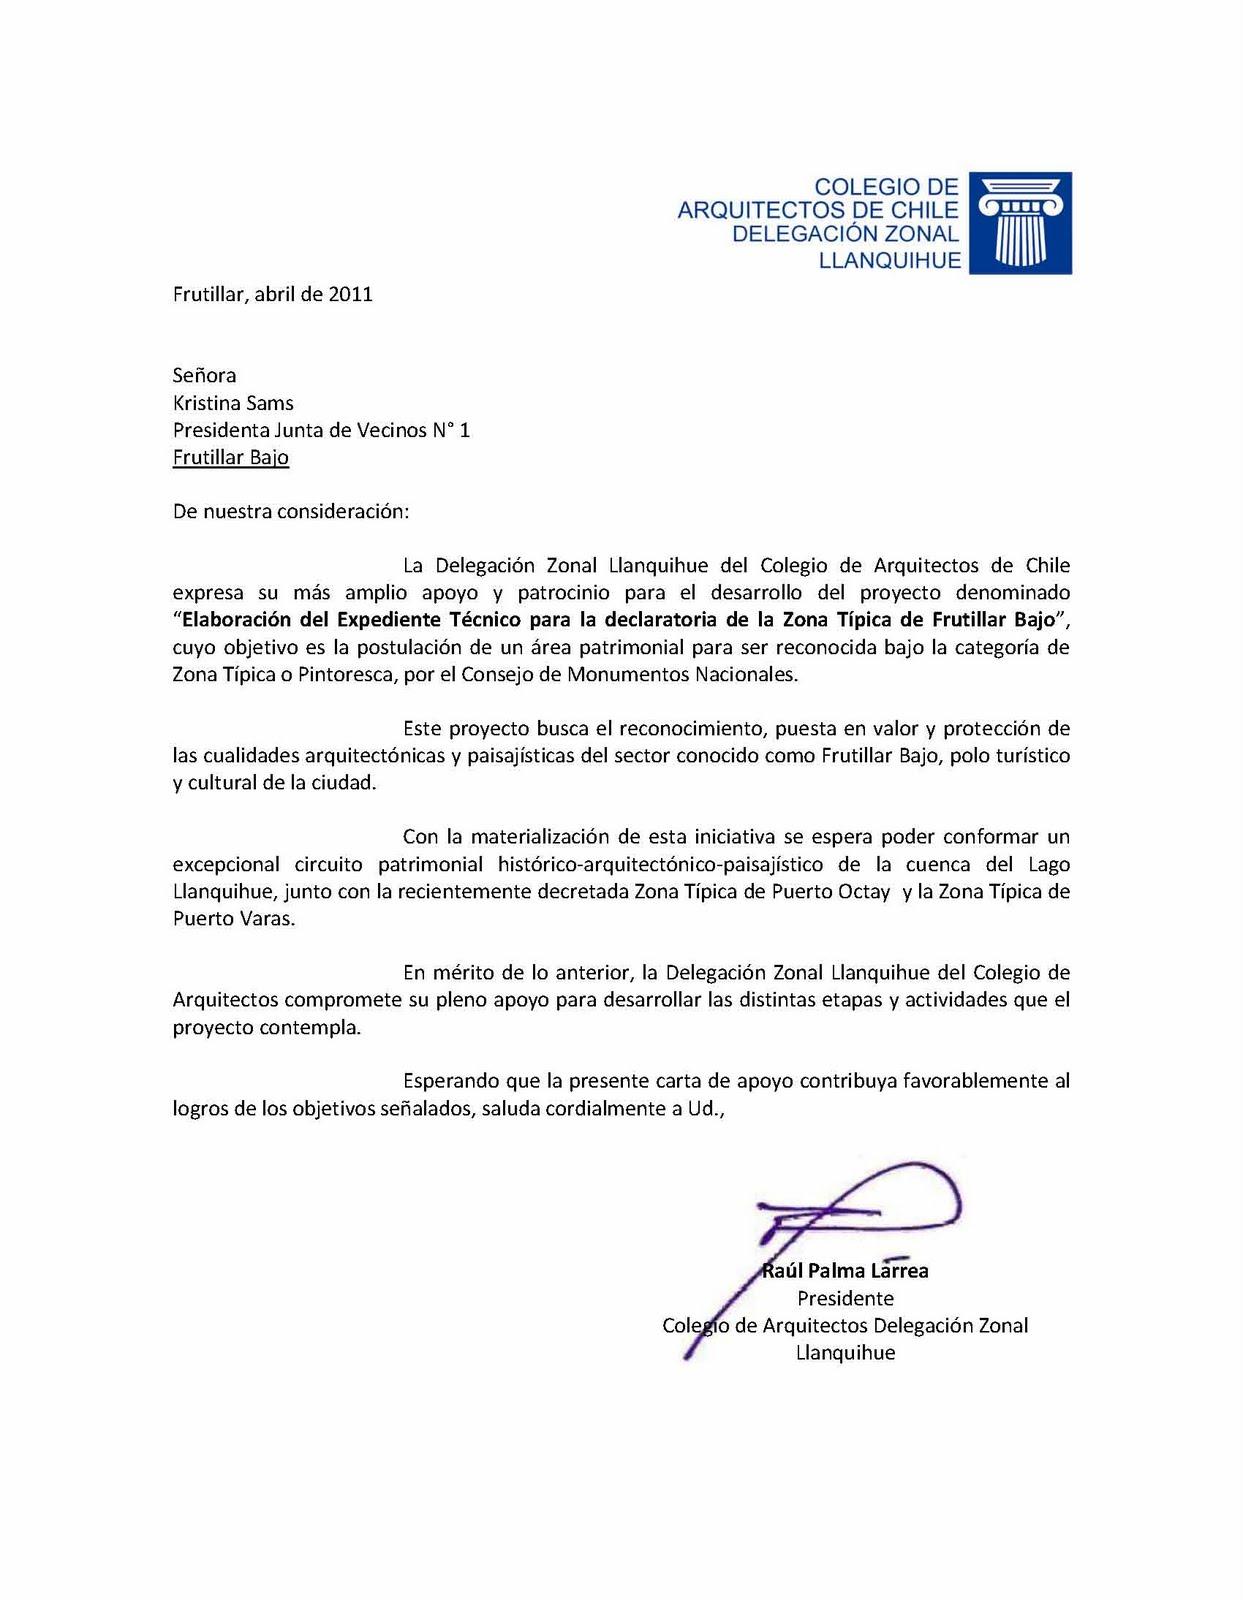 Zona t pica frutillar bajo mayo 2011 for Busco arquitecto para proyecto